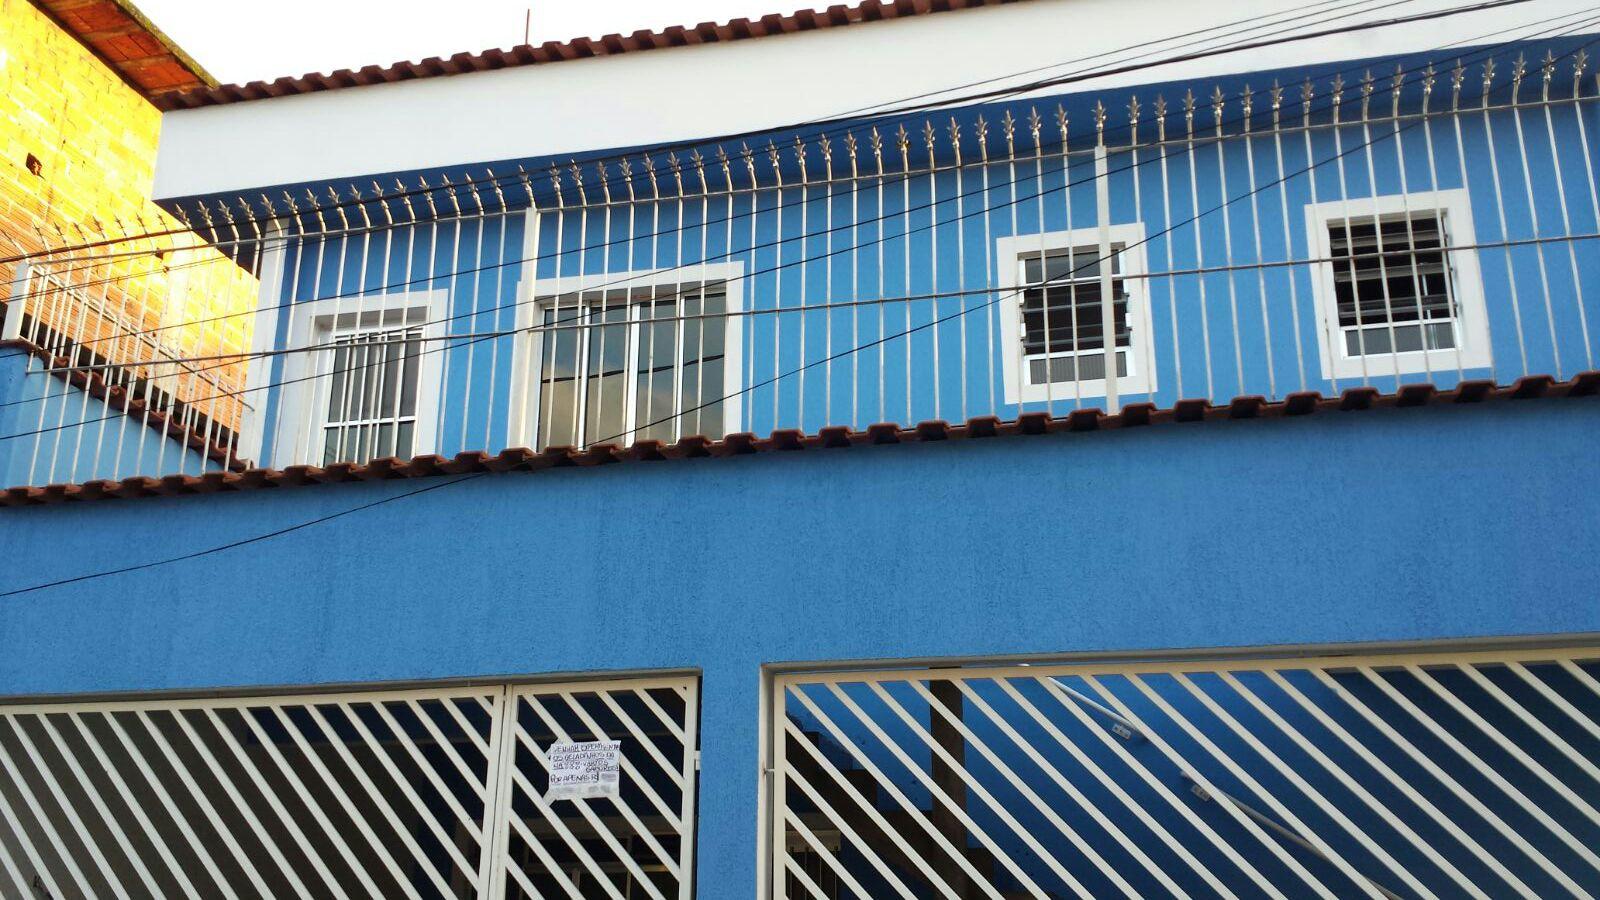 SERGIPANOS QUE FAZEM HEMODIÁLISE OU TRATAMENTOS DE SAÚDE EM SÃO PAULO, AGORA TÊM IMPORTANTE SUPORTE PARA APOIO